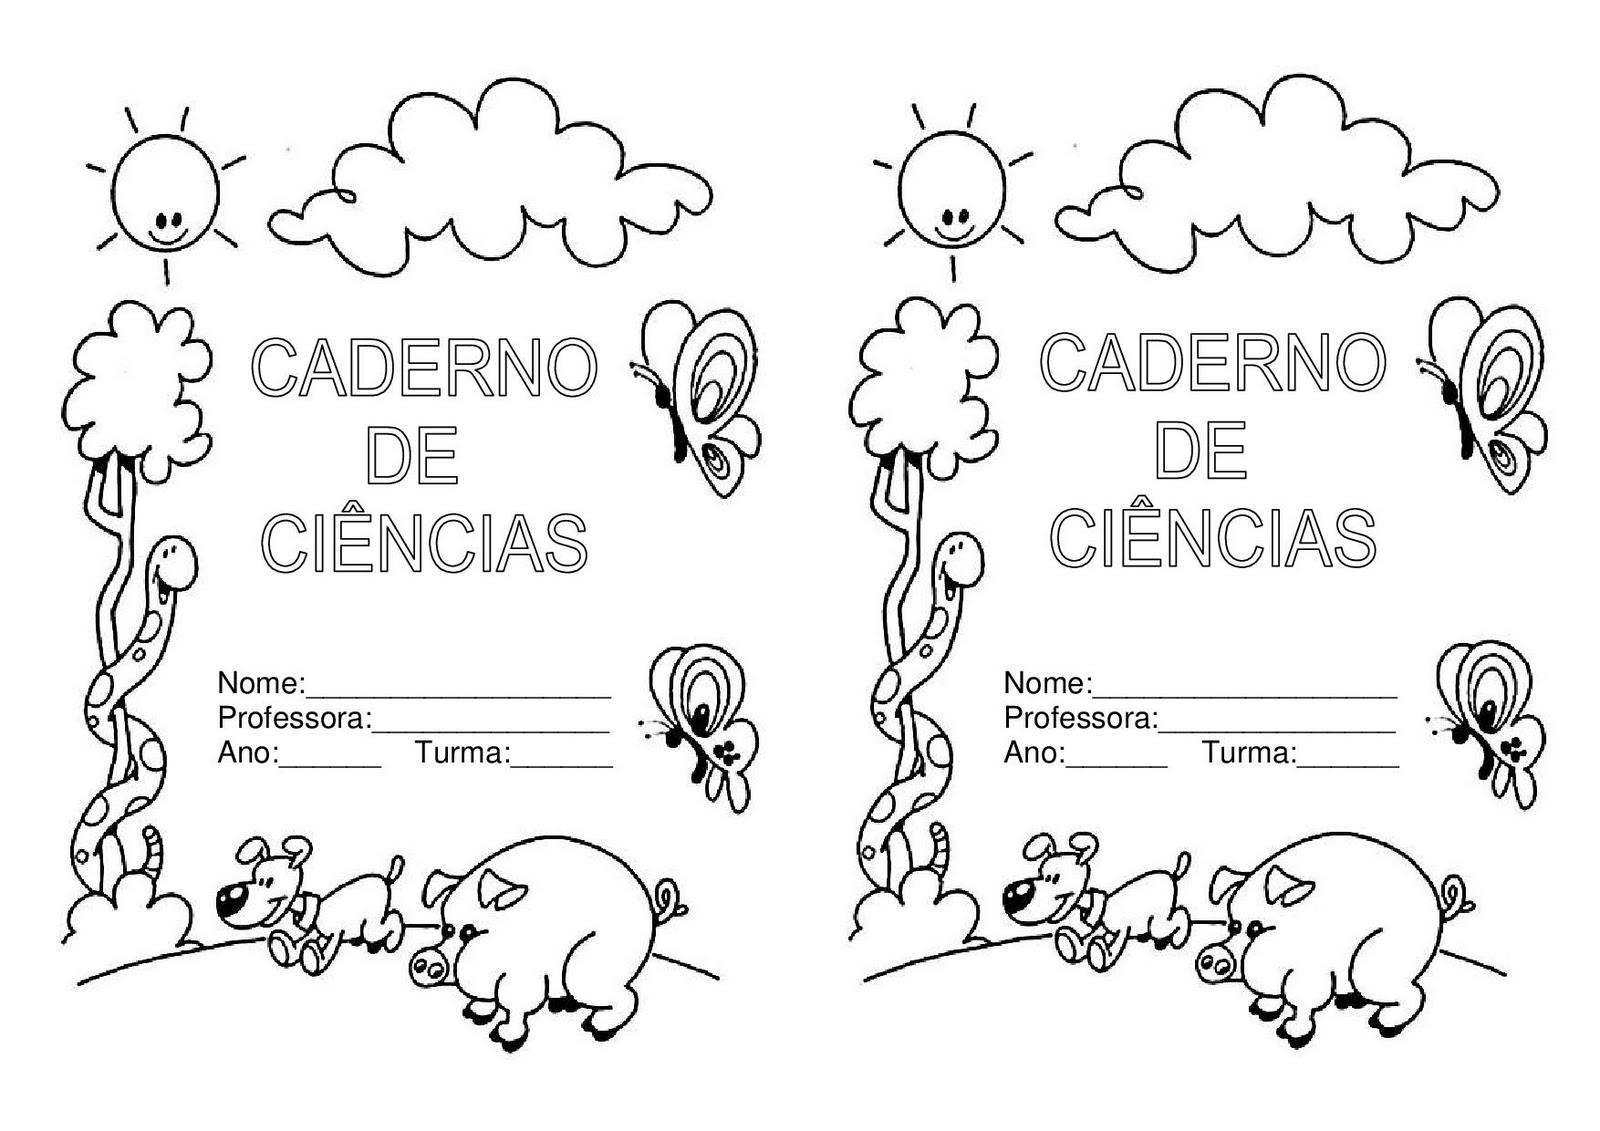 Para Elaborar As Capas De Caderno  Utilizei Imagens E Bordas Dos